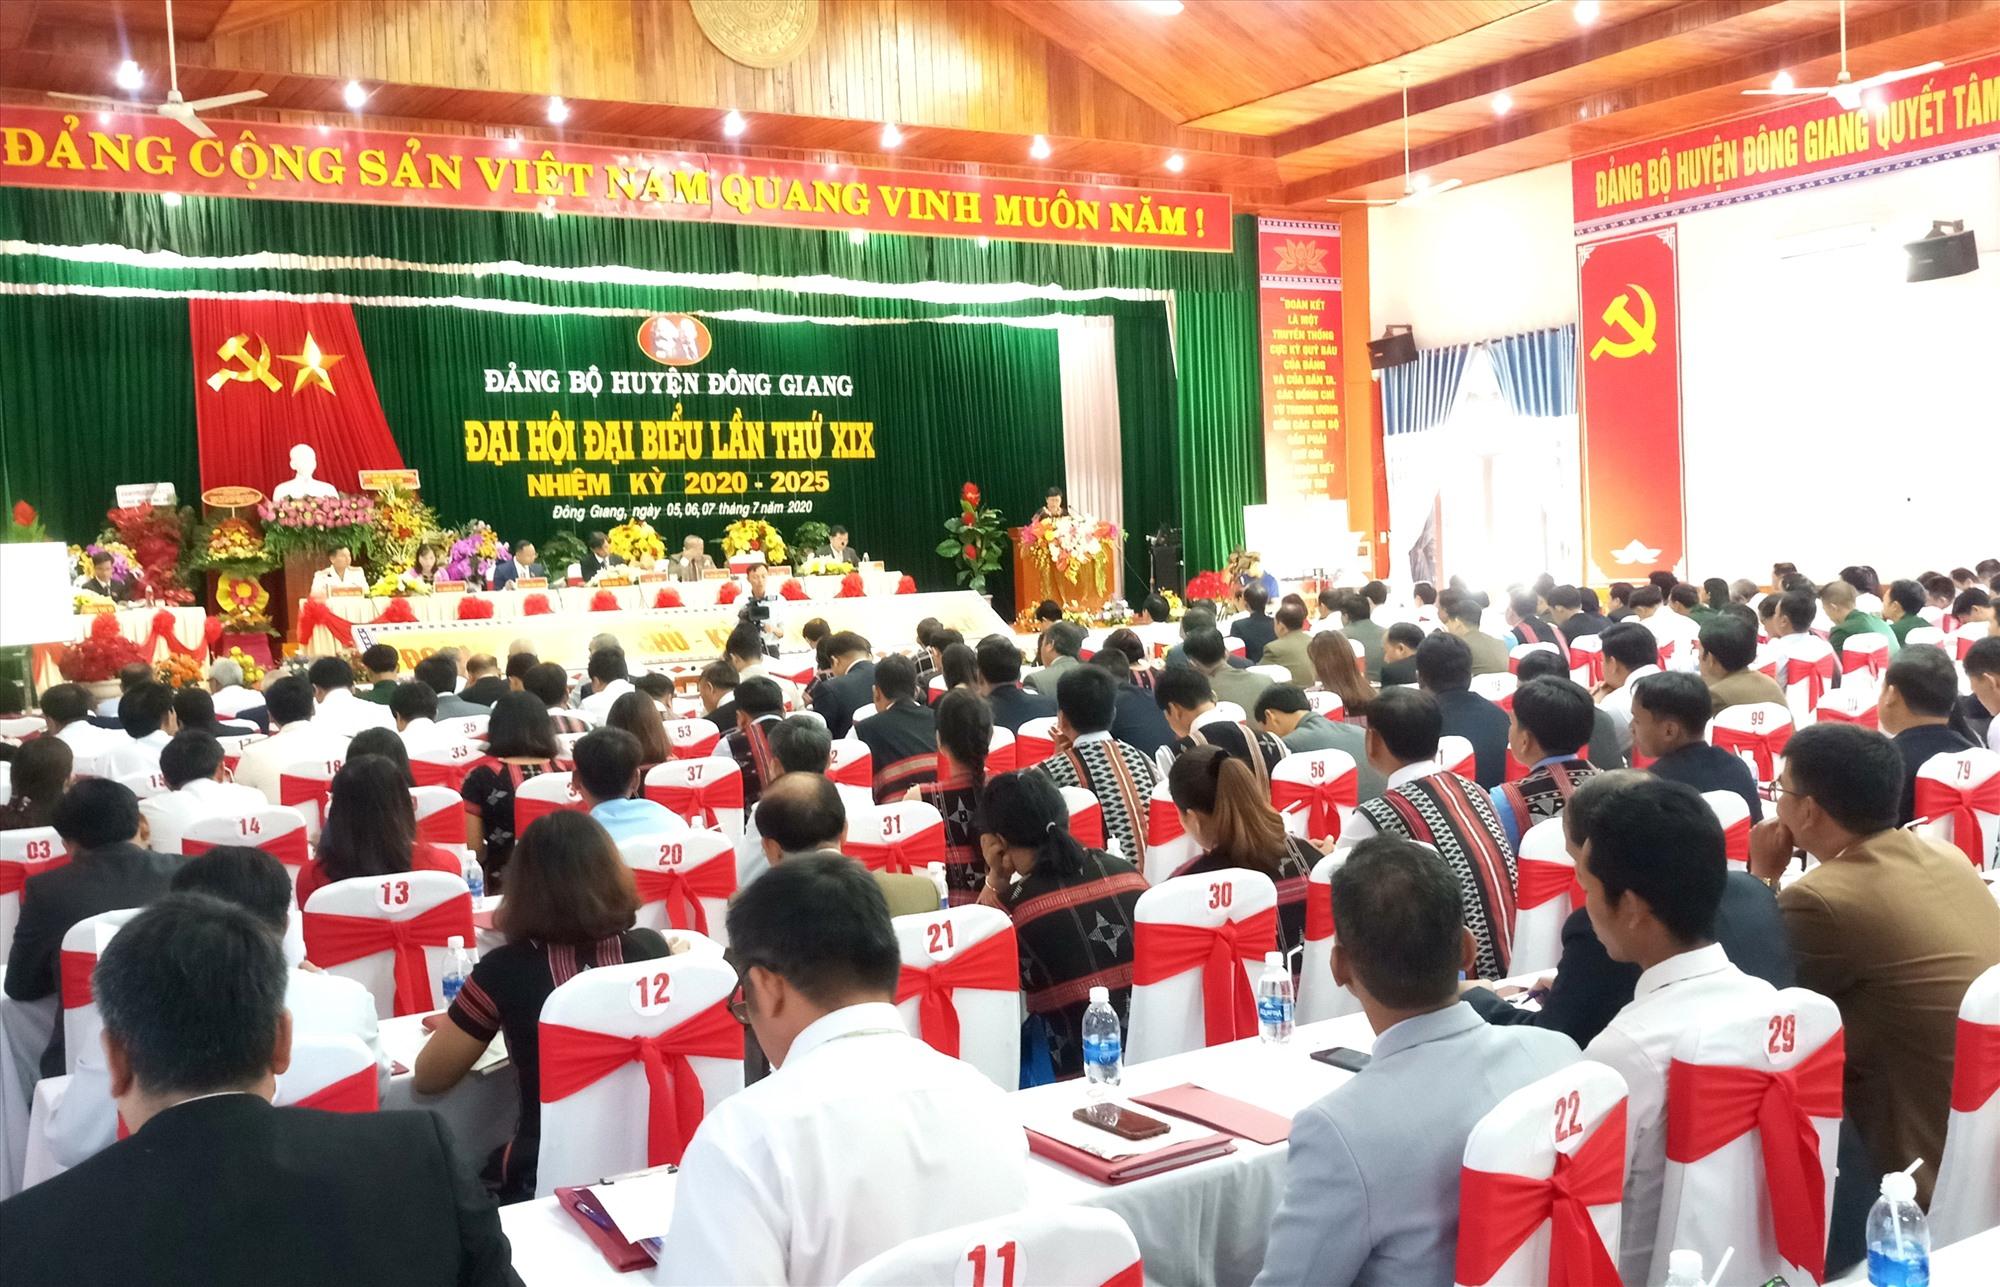 Đại hội đại biểu Đảng bộ huyện Đông Giang diễn ra vào sáng nay 6.7 với sự tham dự của 241 đảng viên đại diện cho hơn 2.000 đảng viên trong toàn Đảng bộ huyện. Ảnh: A.N